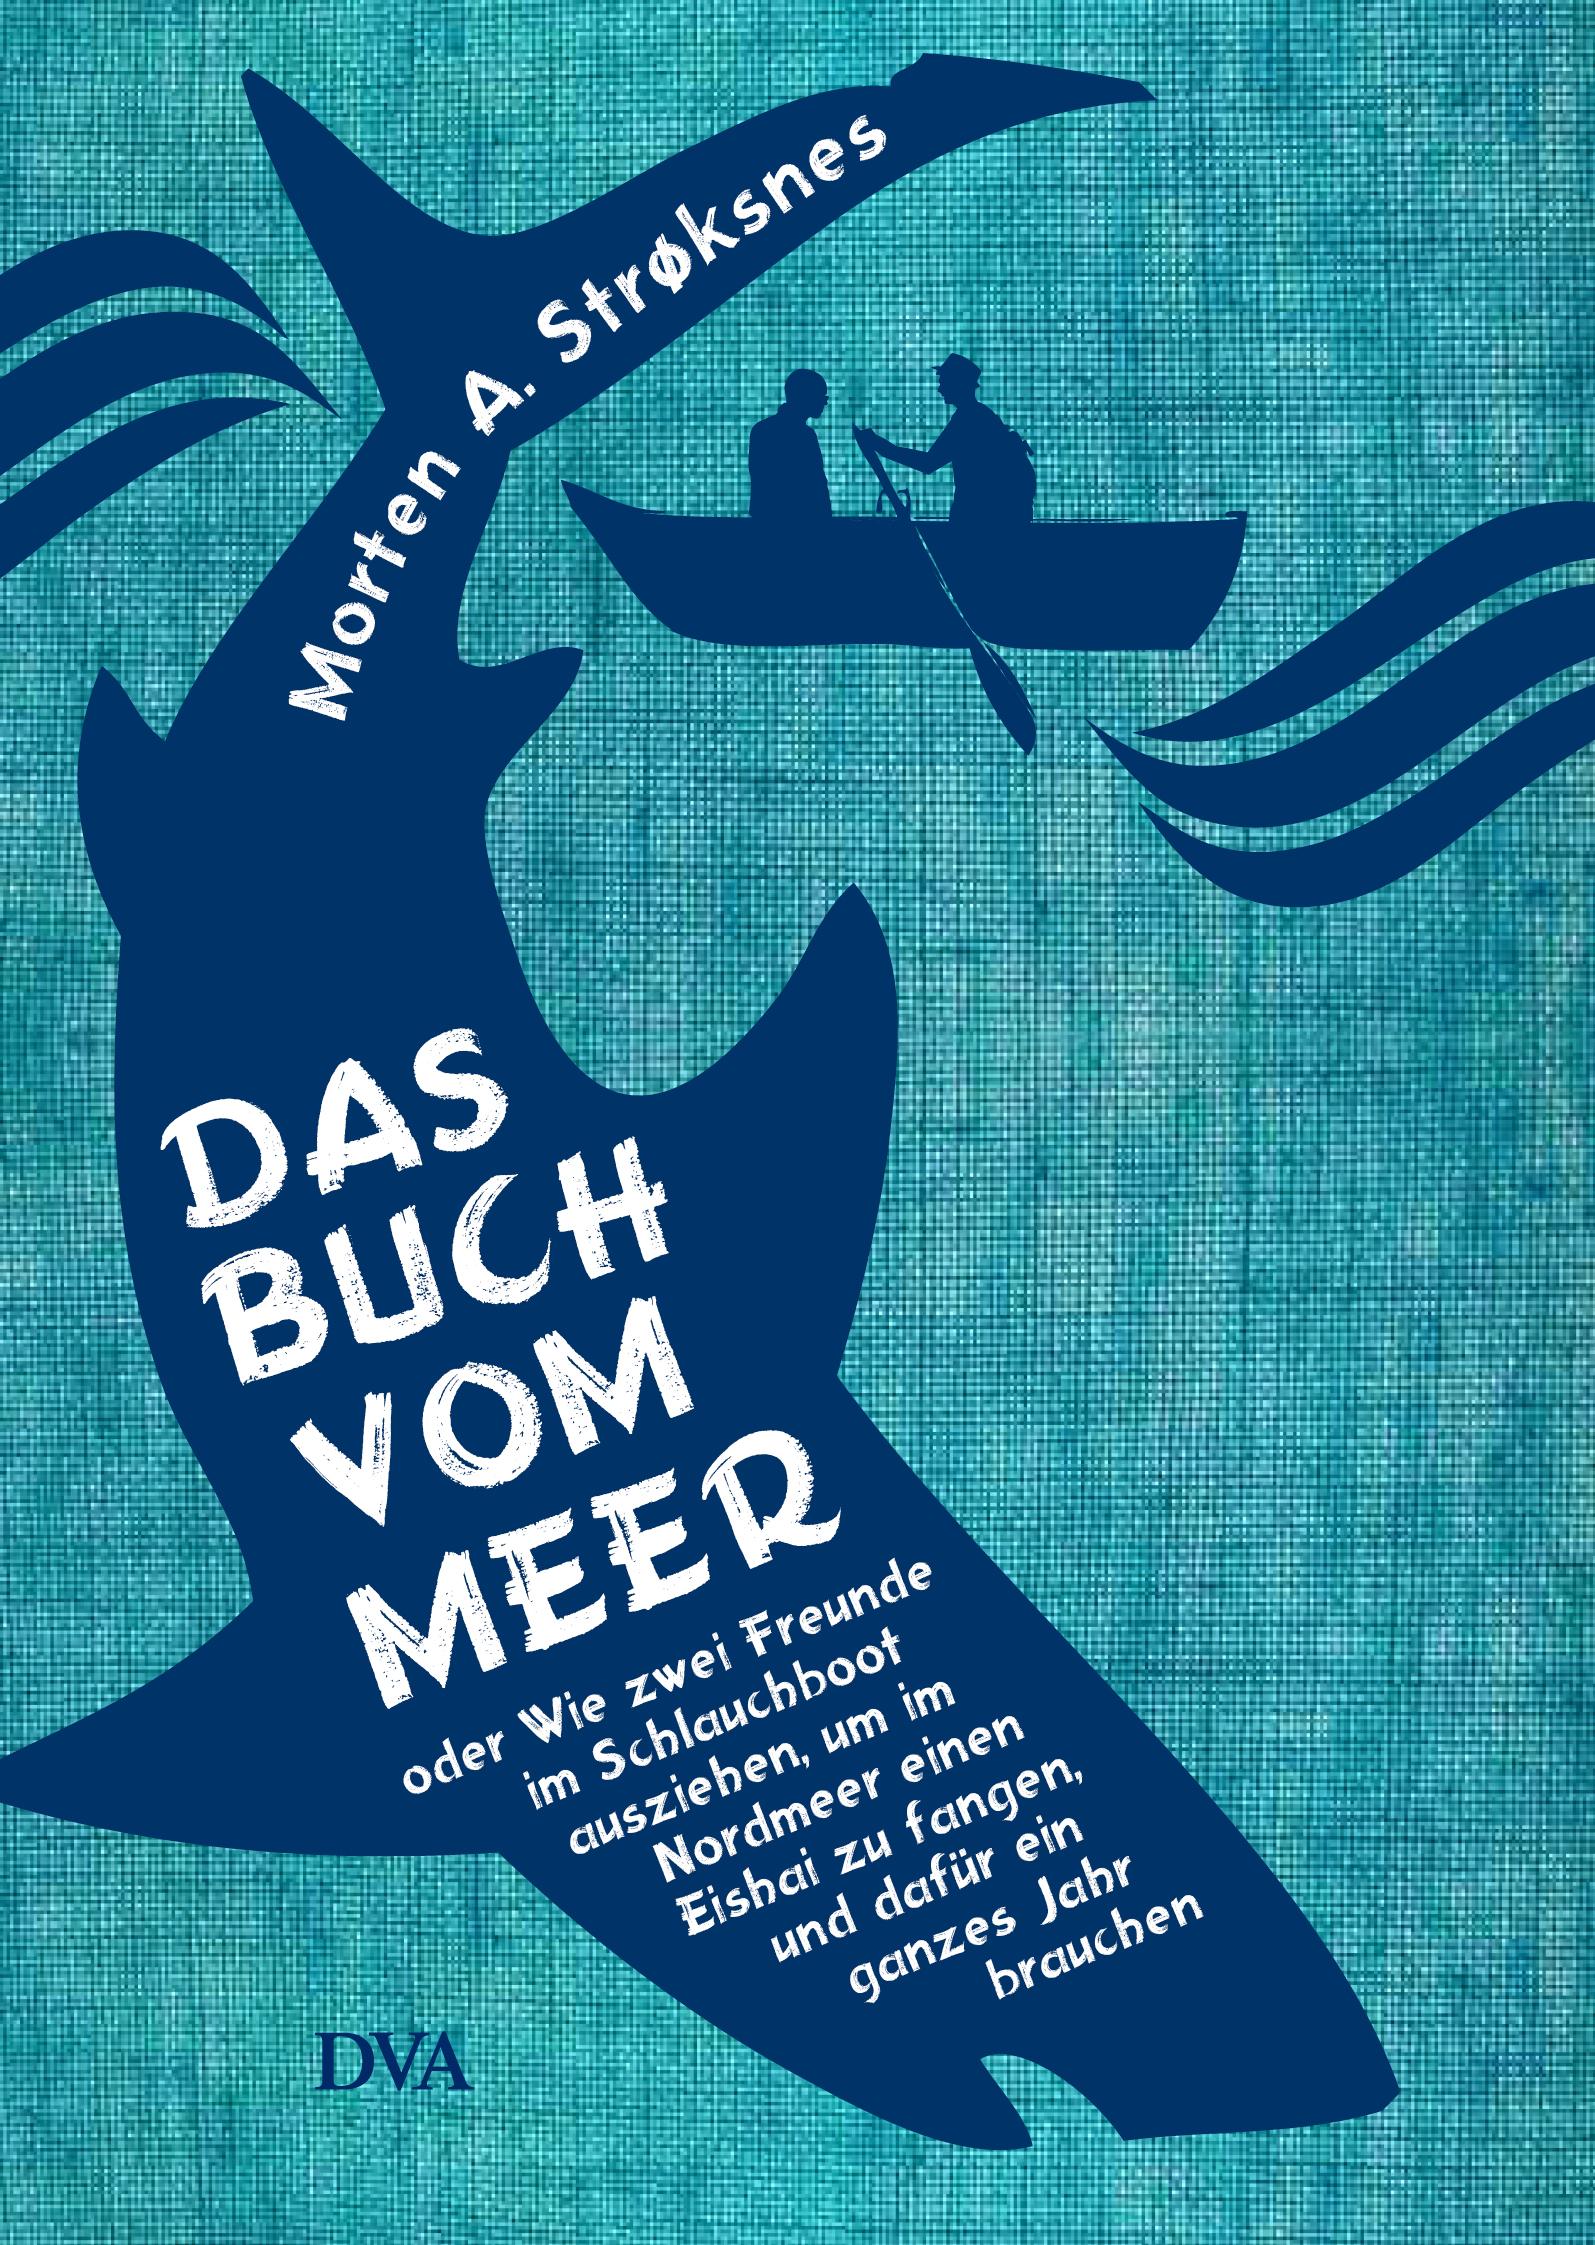 German bestseller